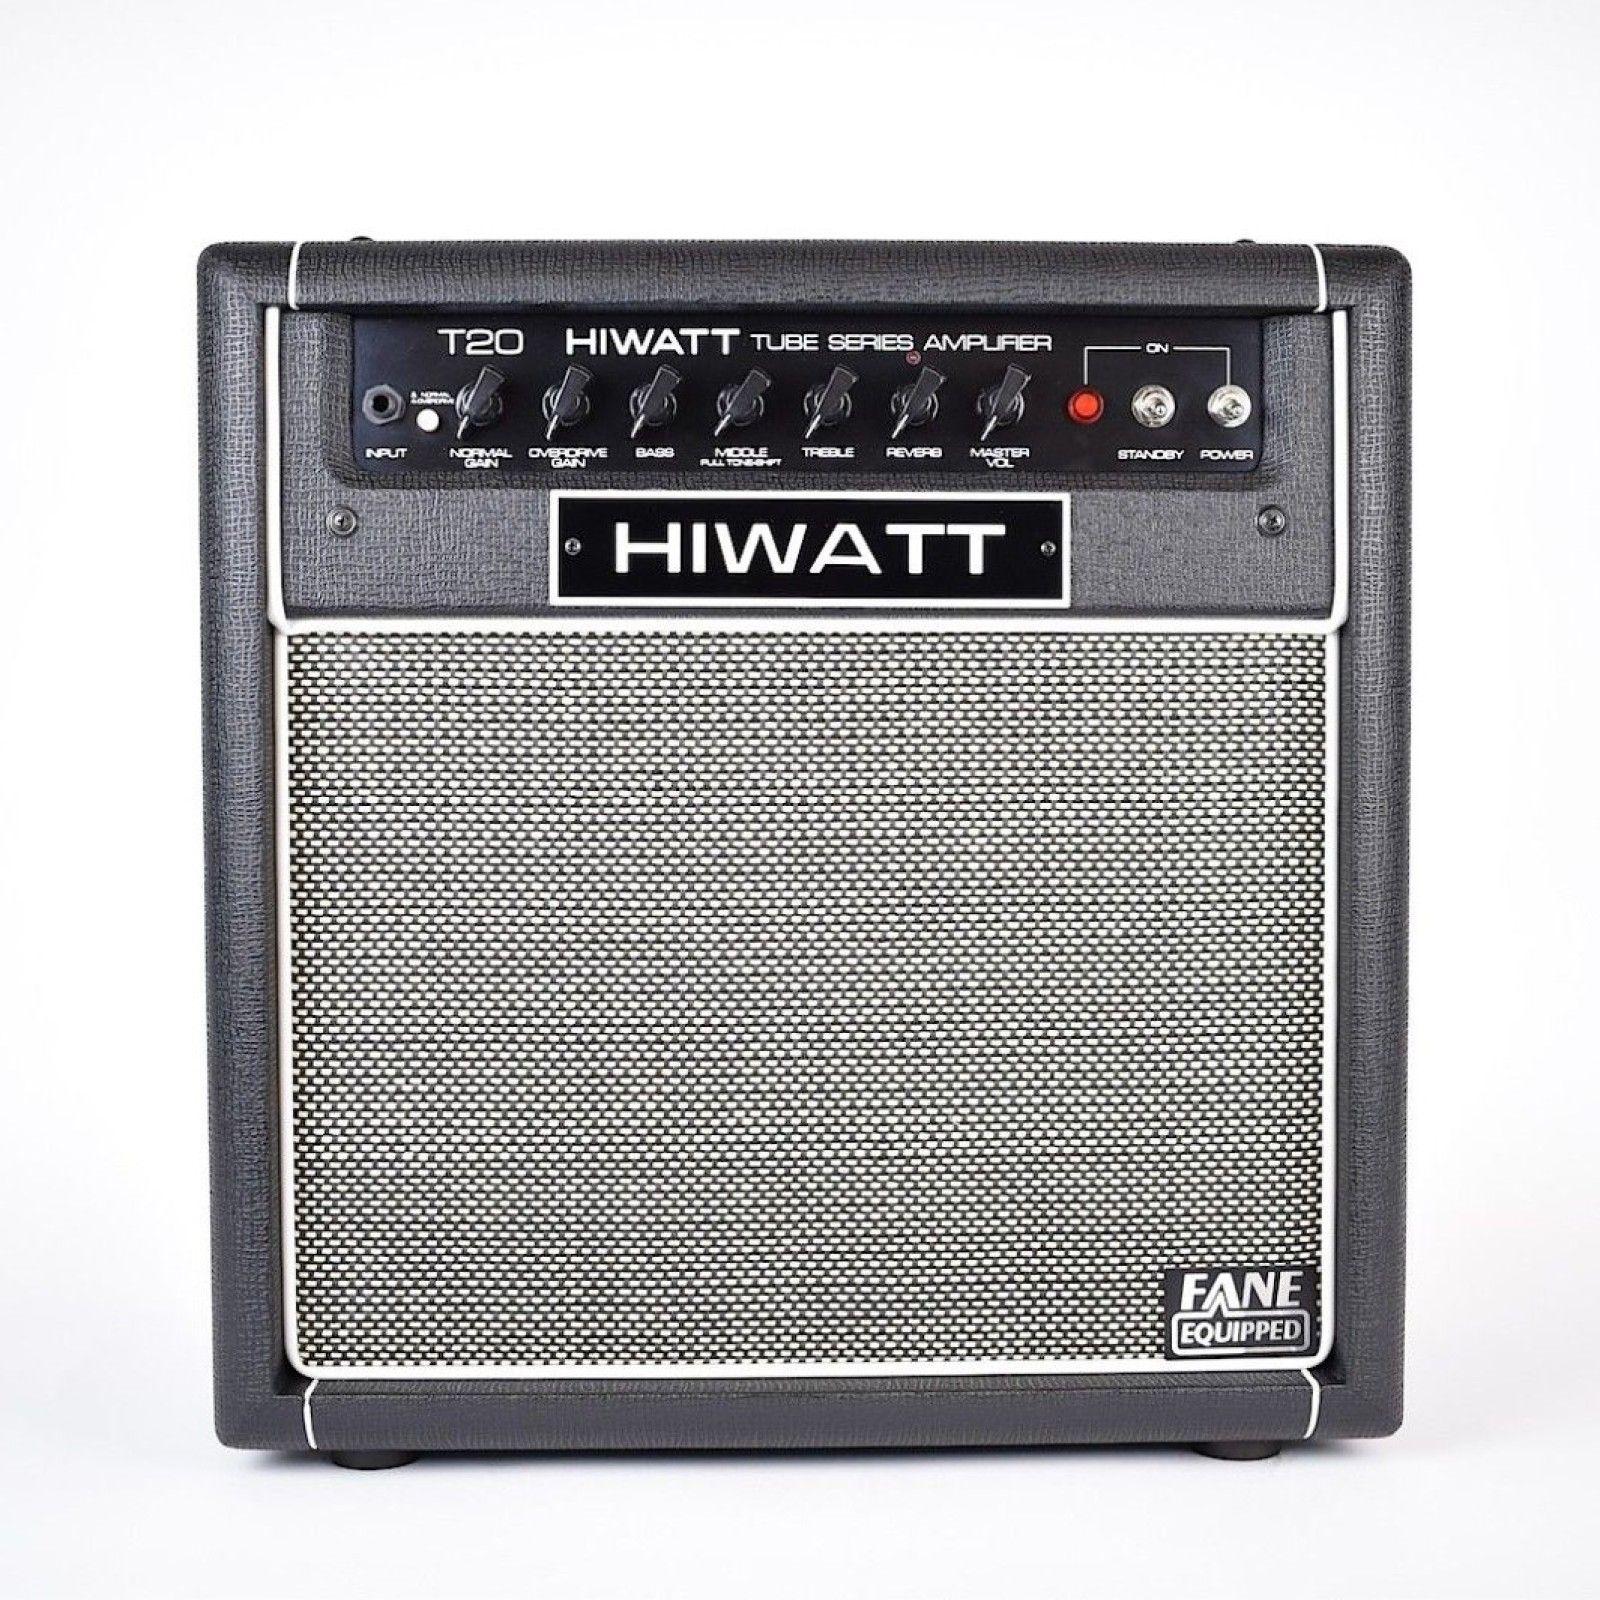 Hiwatt t20 c 20w combo amp class a